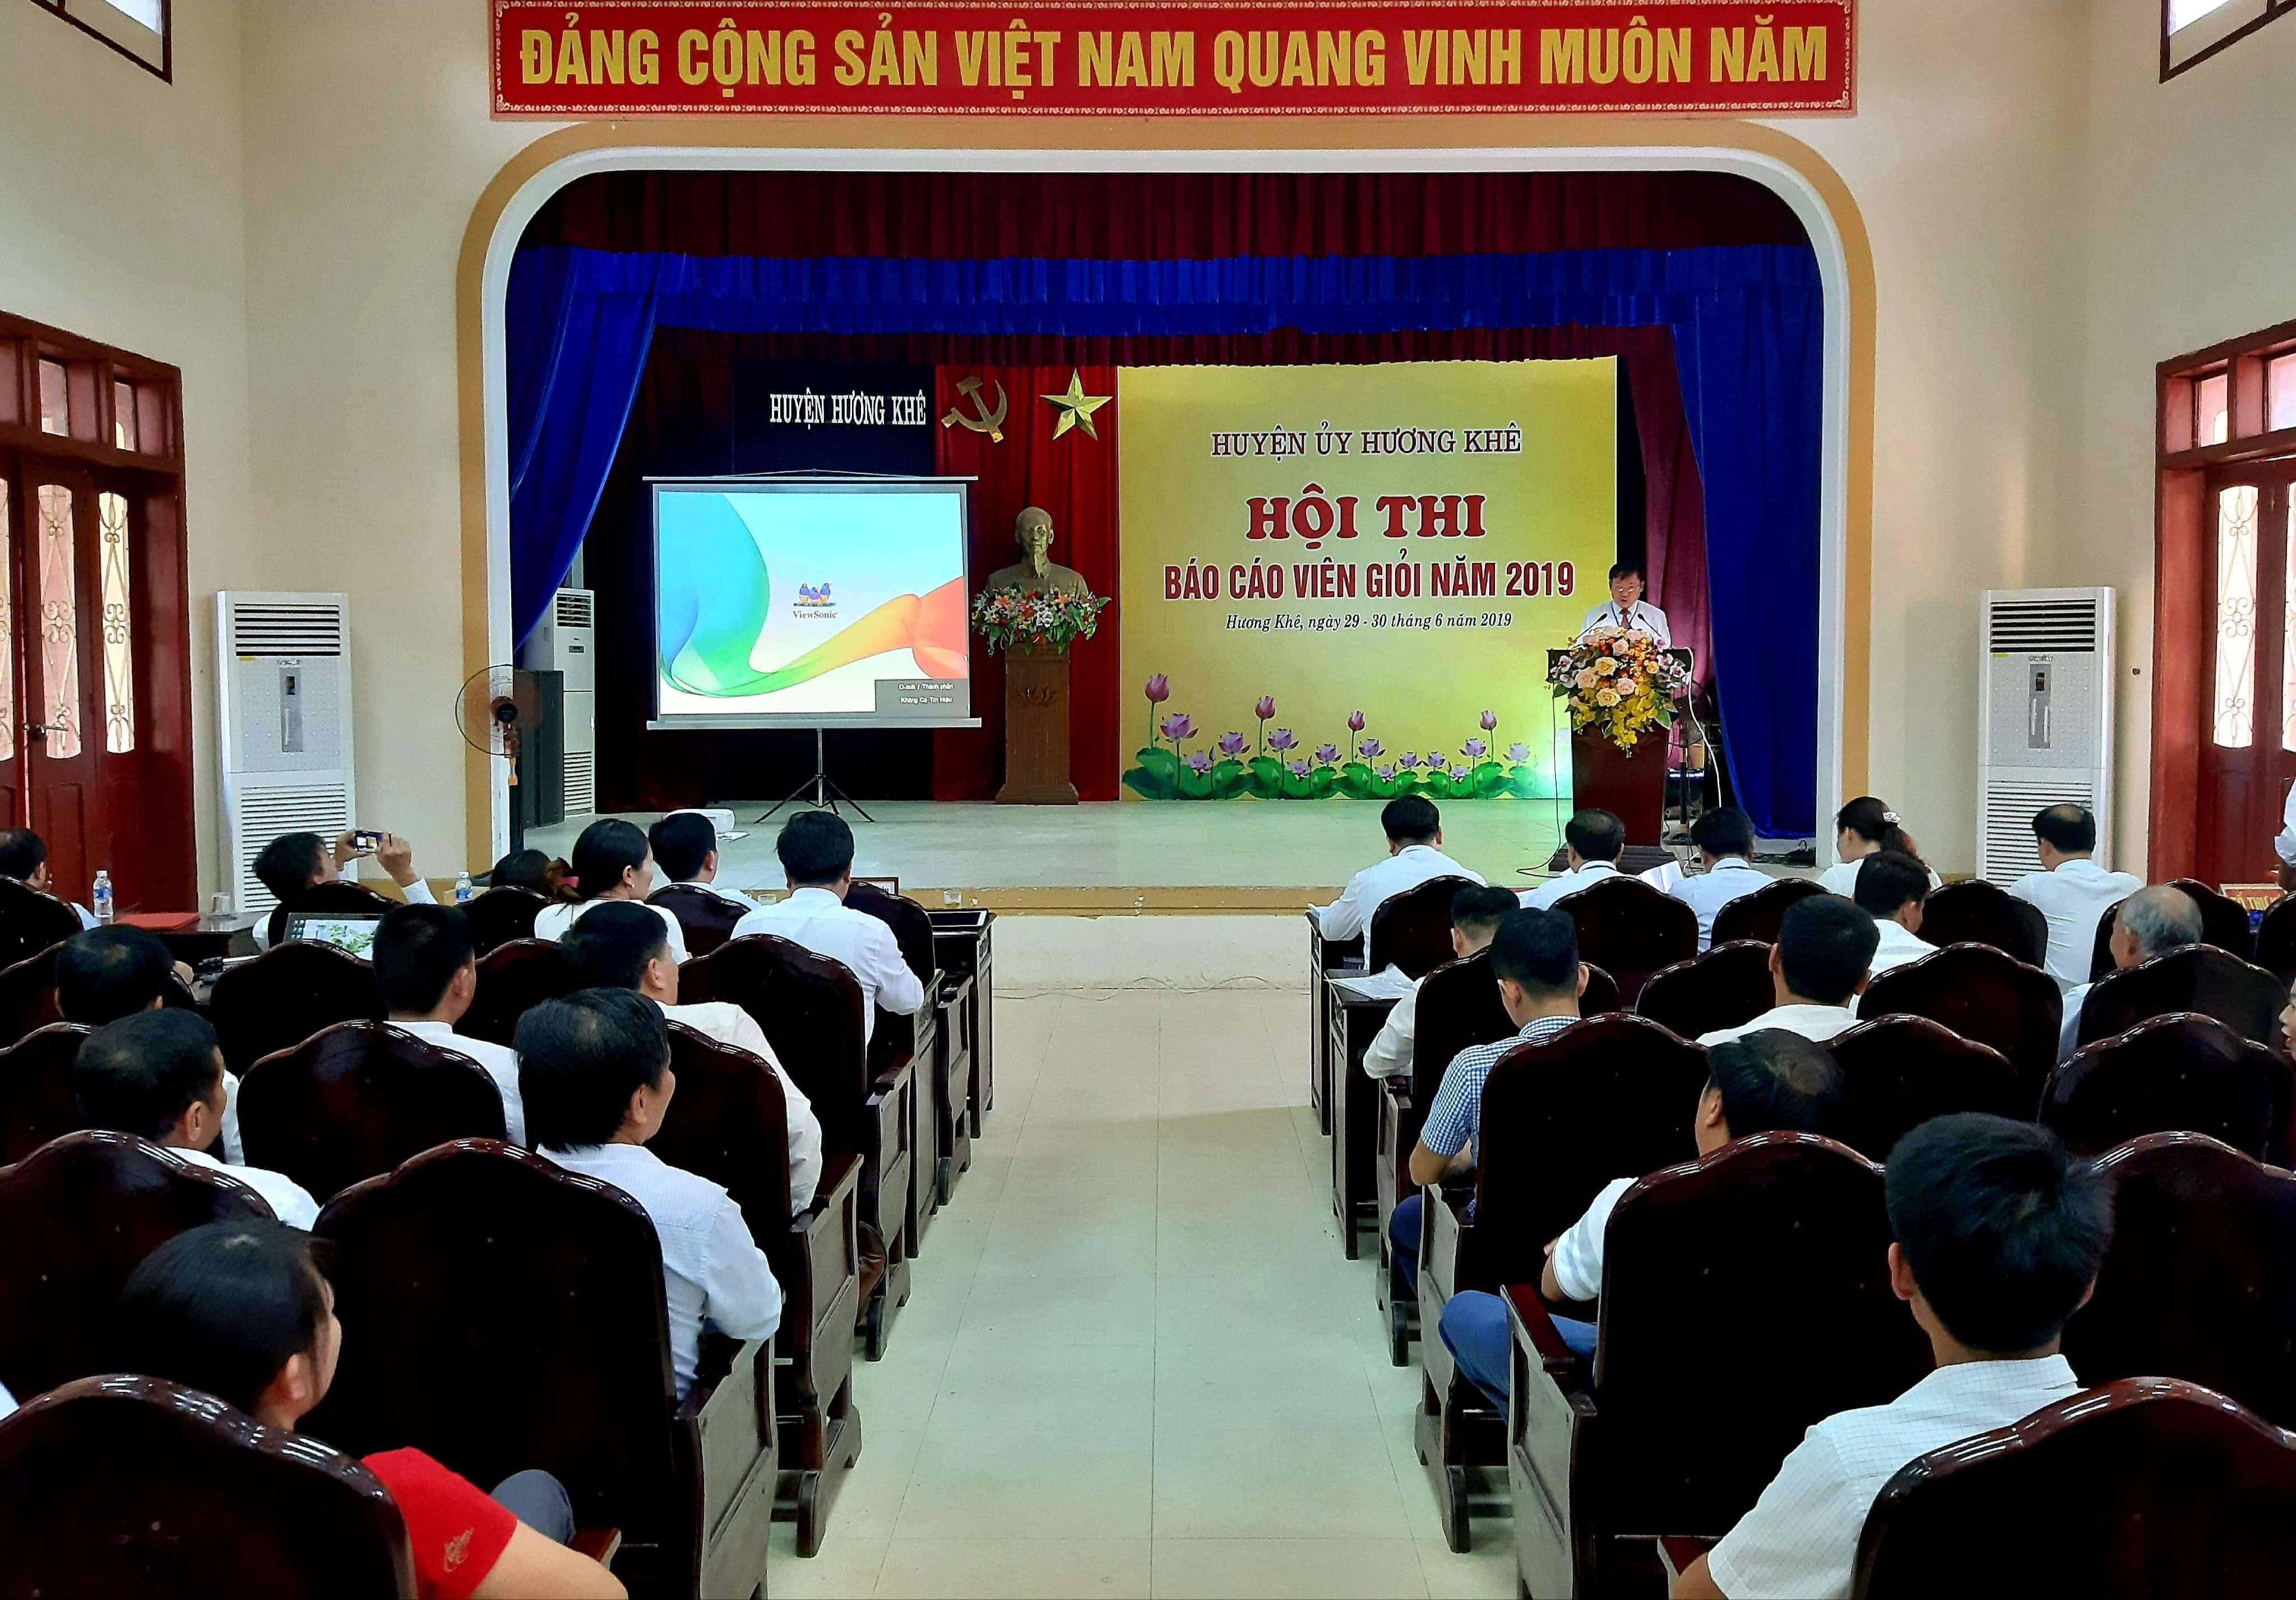 Hương Khê tổ chức thành công Hội thi Báo cáo viên giỏi năm 2019